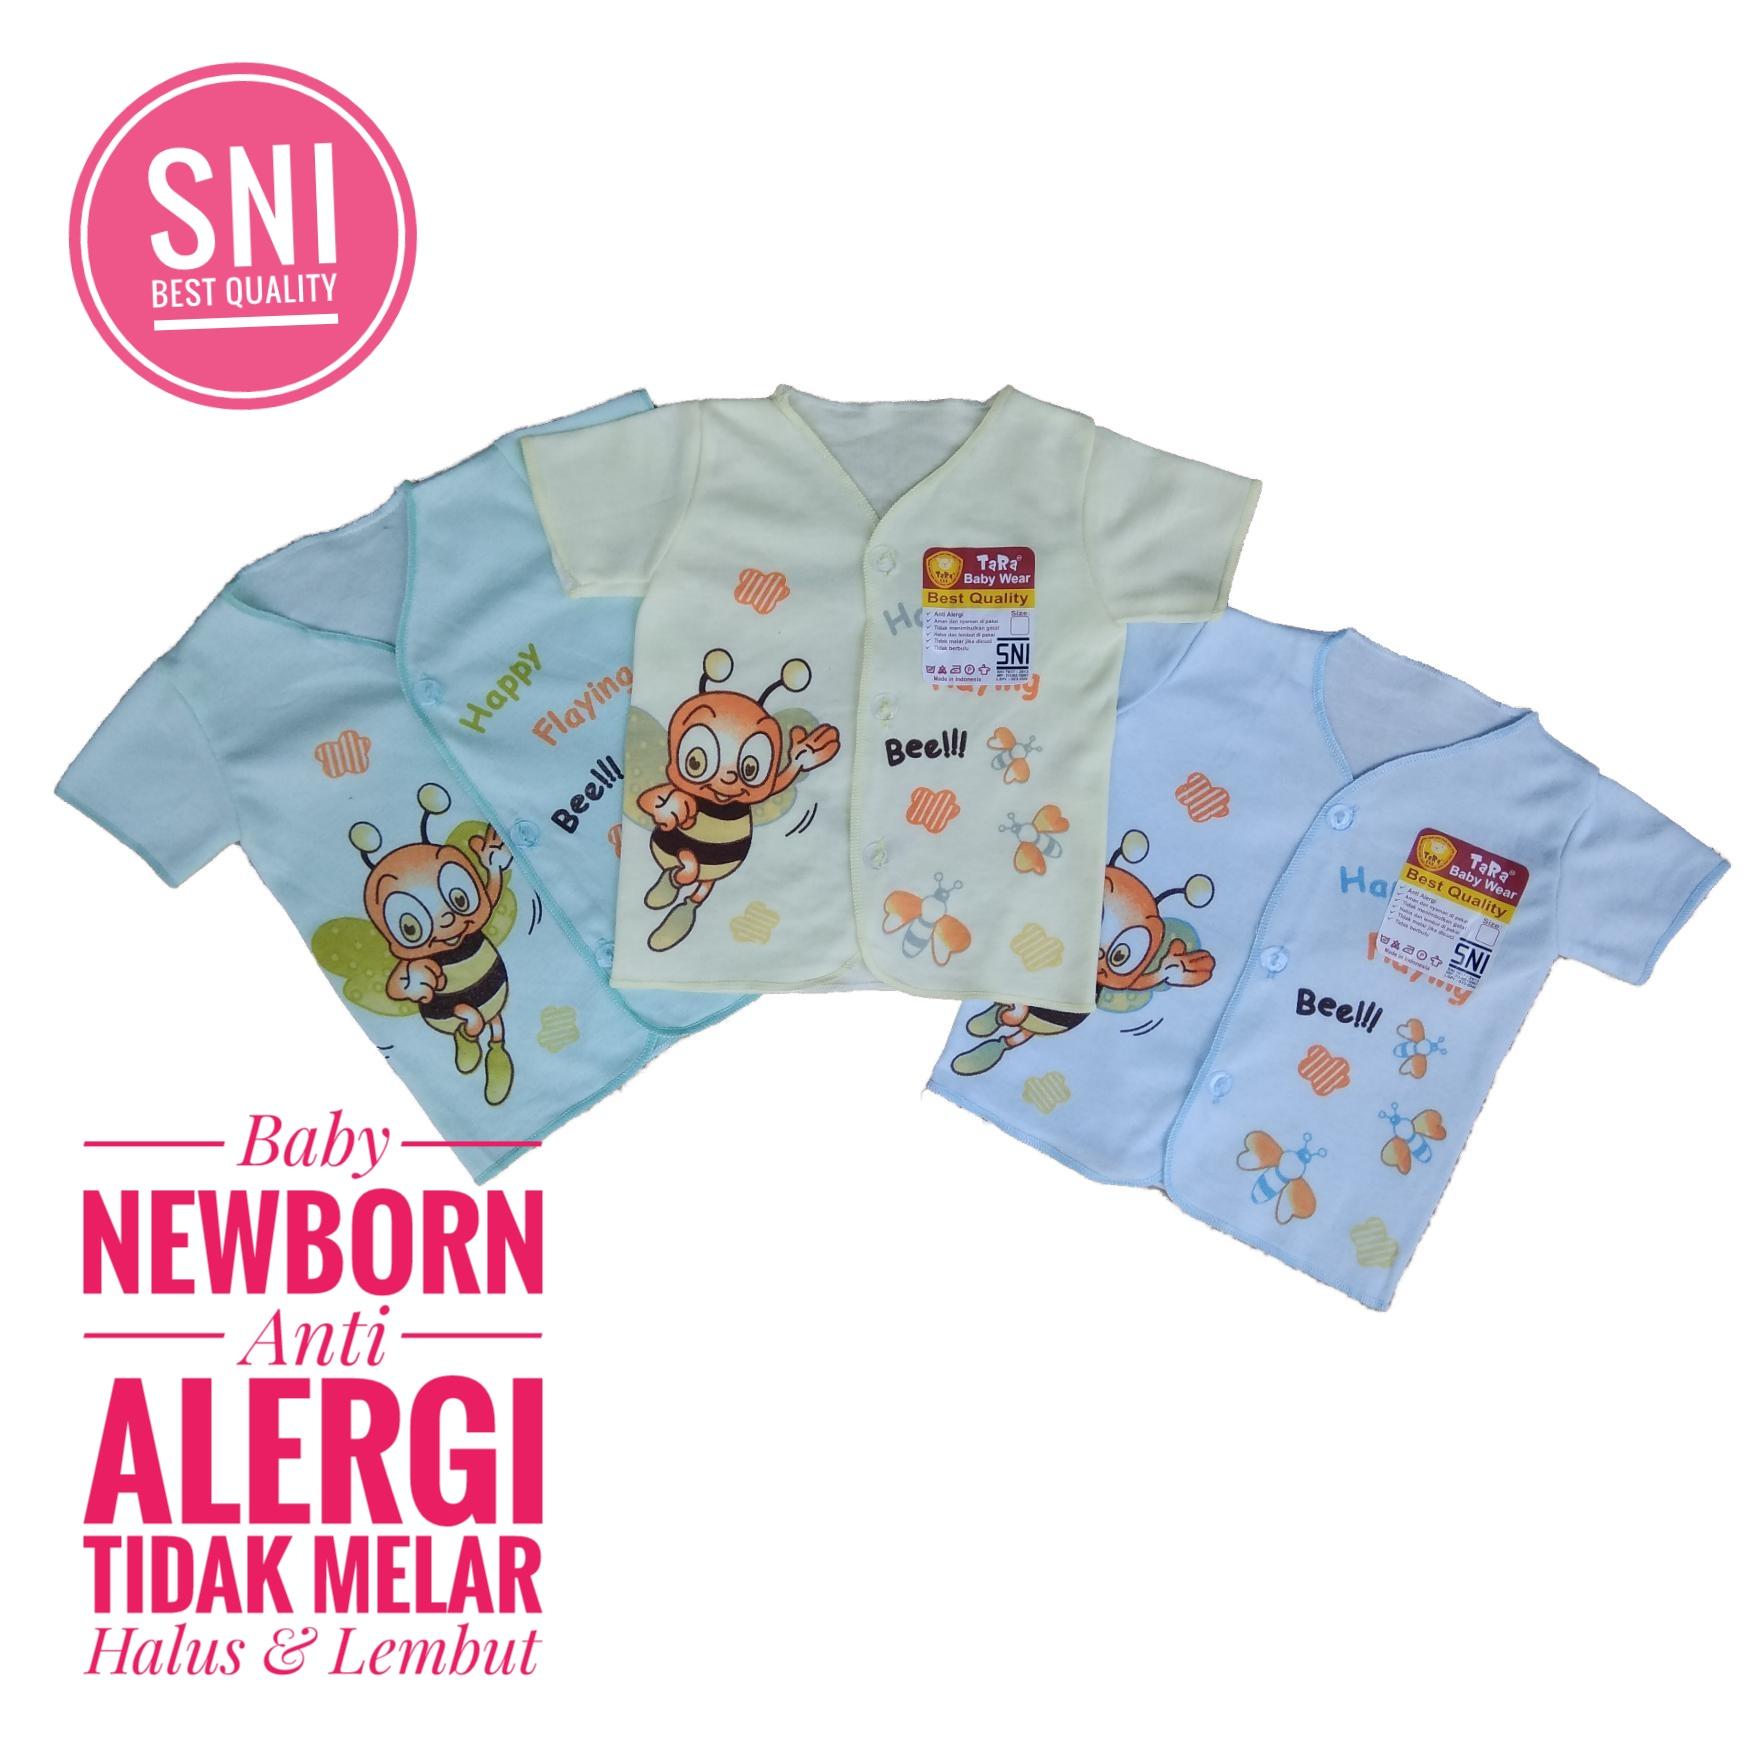 Download Gambar. SNI Baju Bayi Kaos Pakaian Lakilaki Perempuan Perlengkapan Baru Lahir Baby Newborn Murah ...